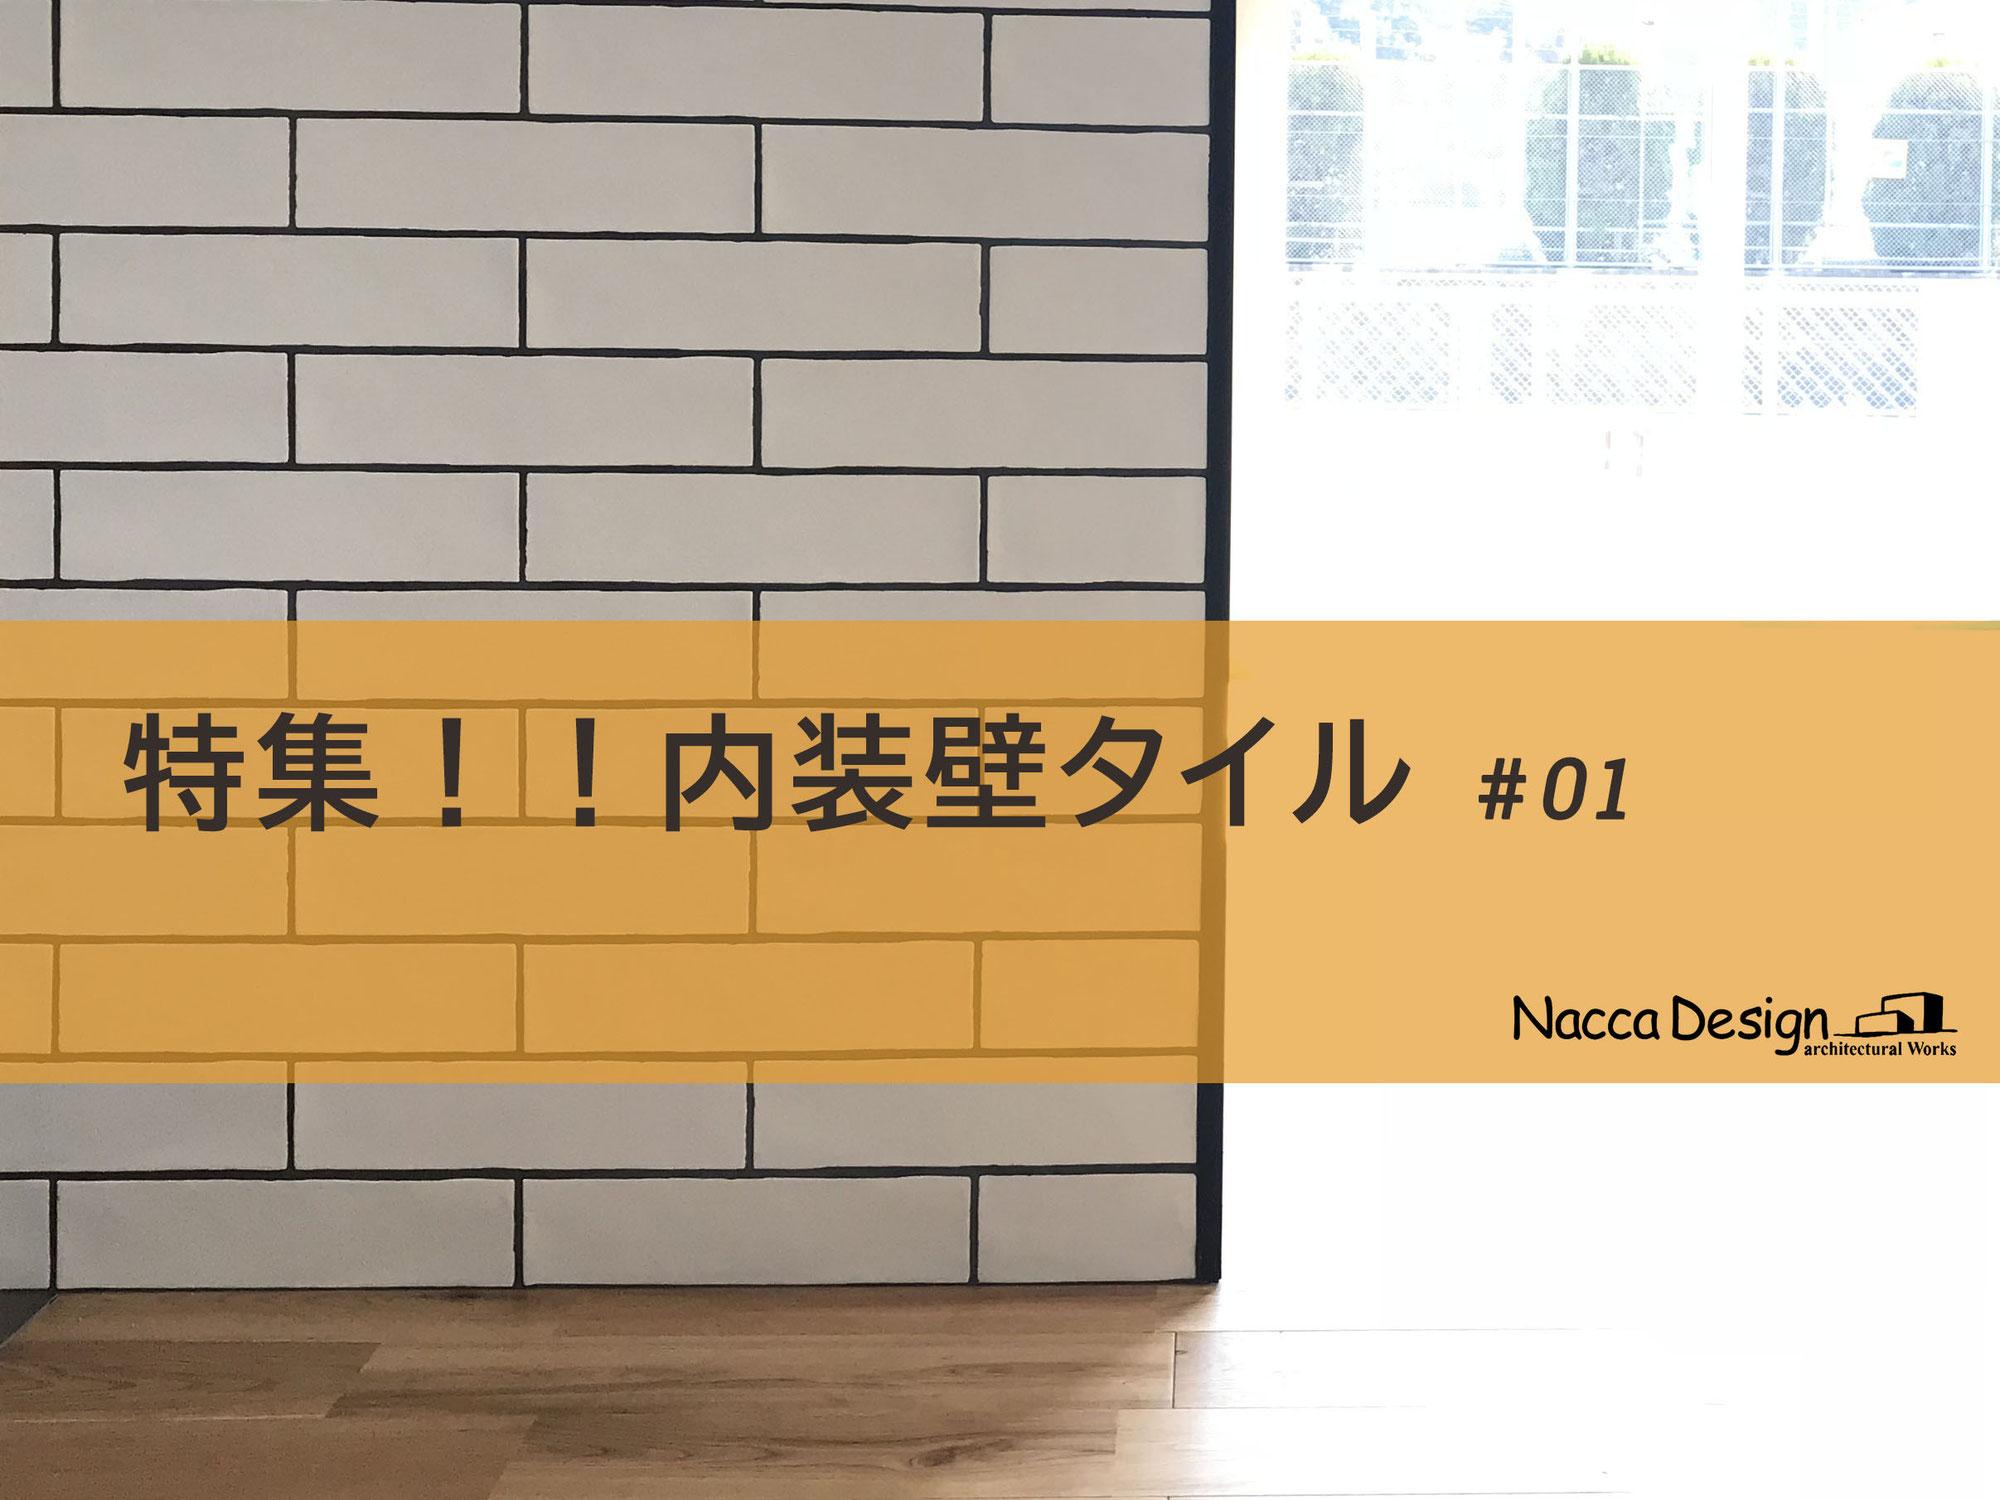 特集!!内装壁タイル#01